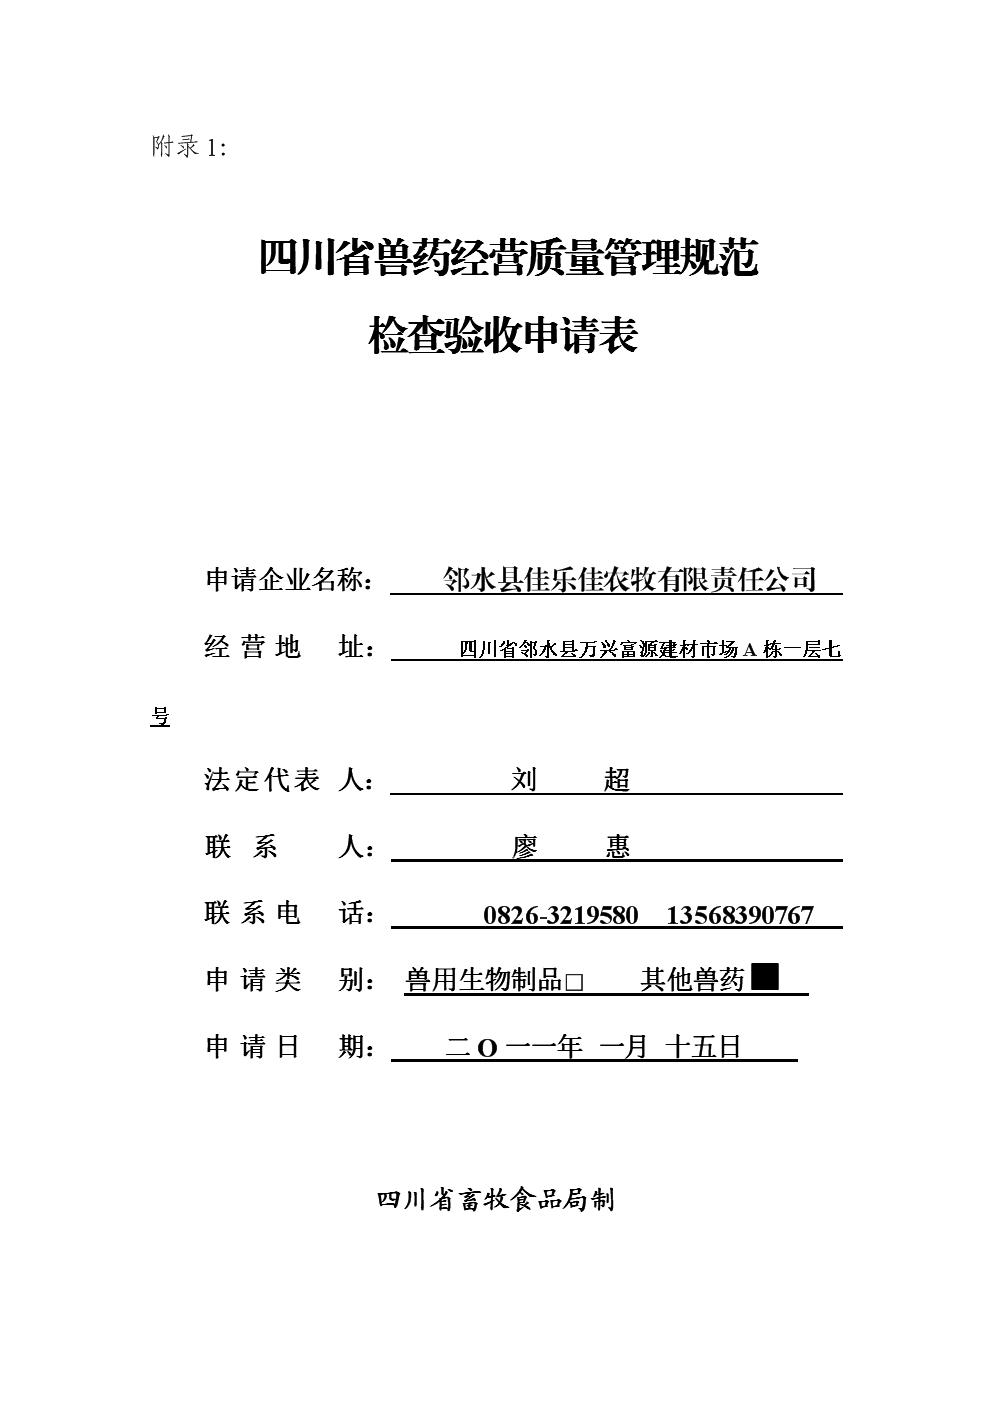 兽药GSP认证资料-经营质量管理规范(检查验收申请表).doc